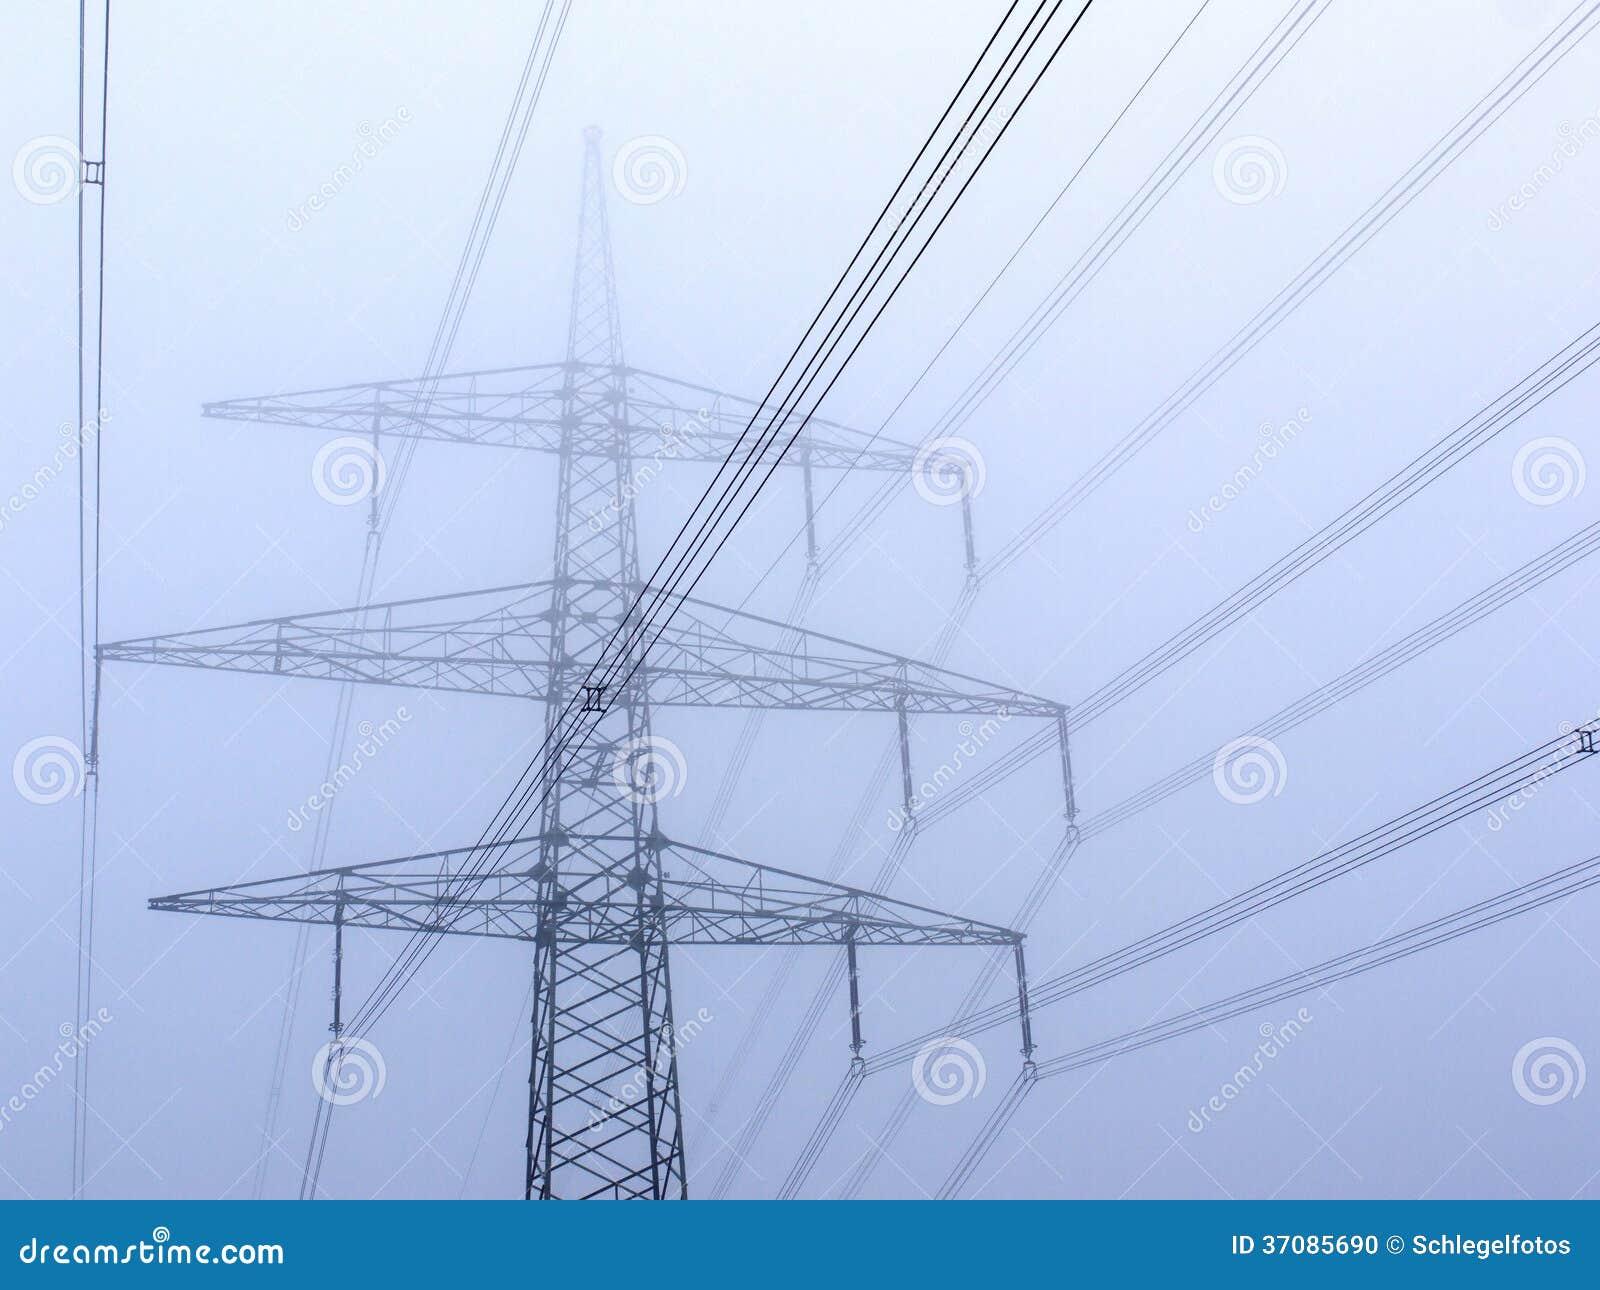 Download Władza słup w mgle zdjęcie stock. Obraz złożonej z władza - 37085690